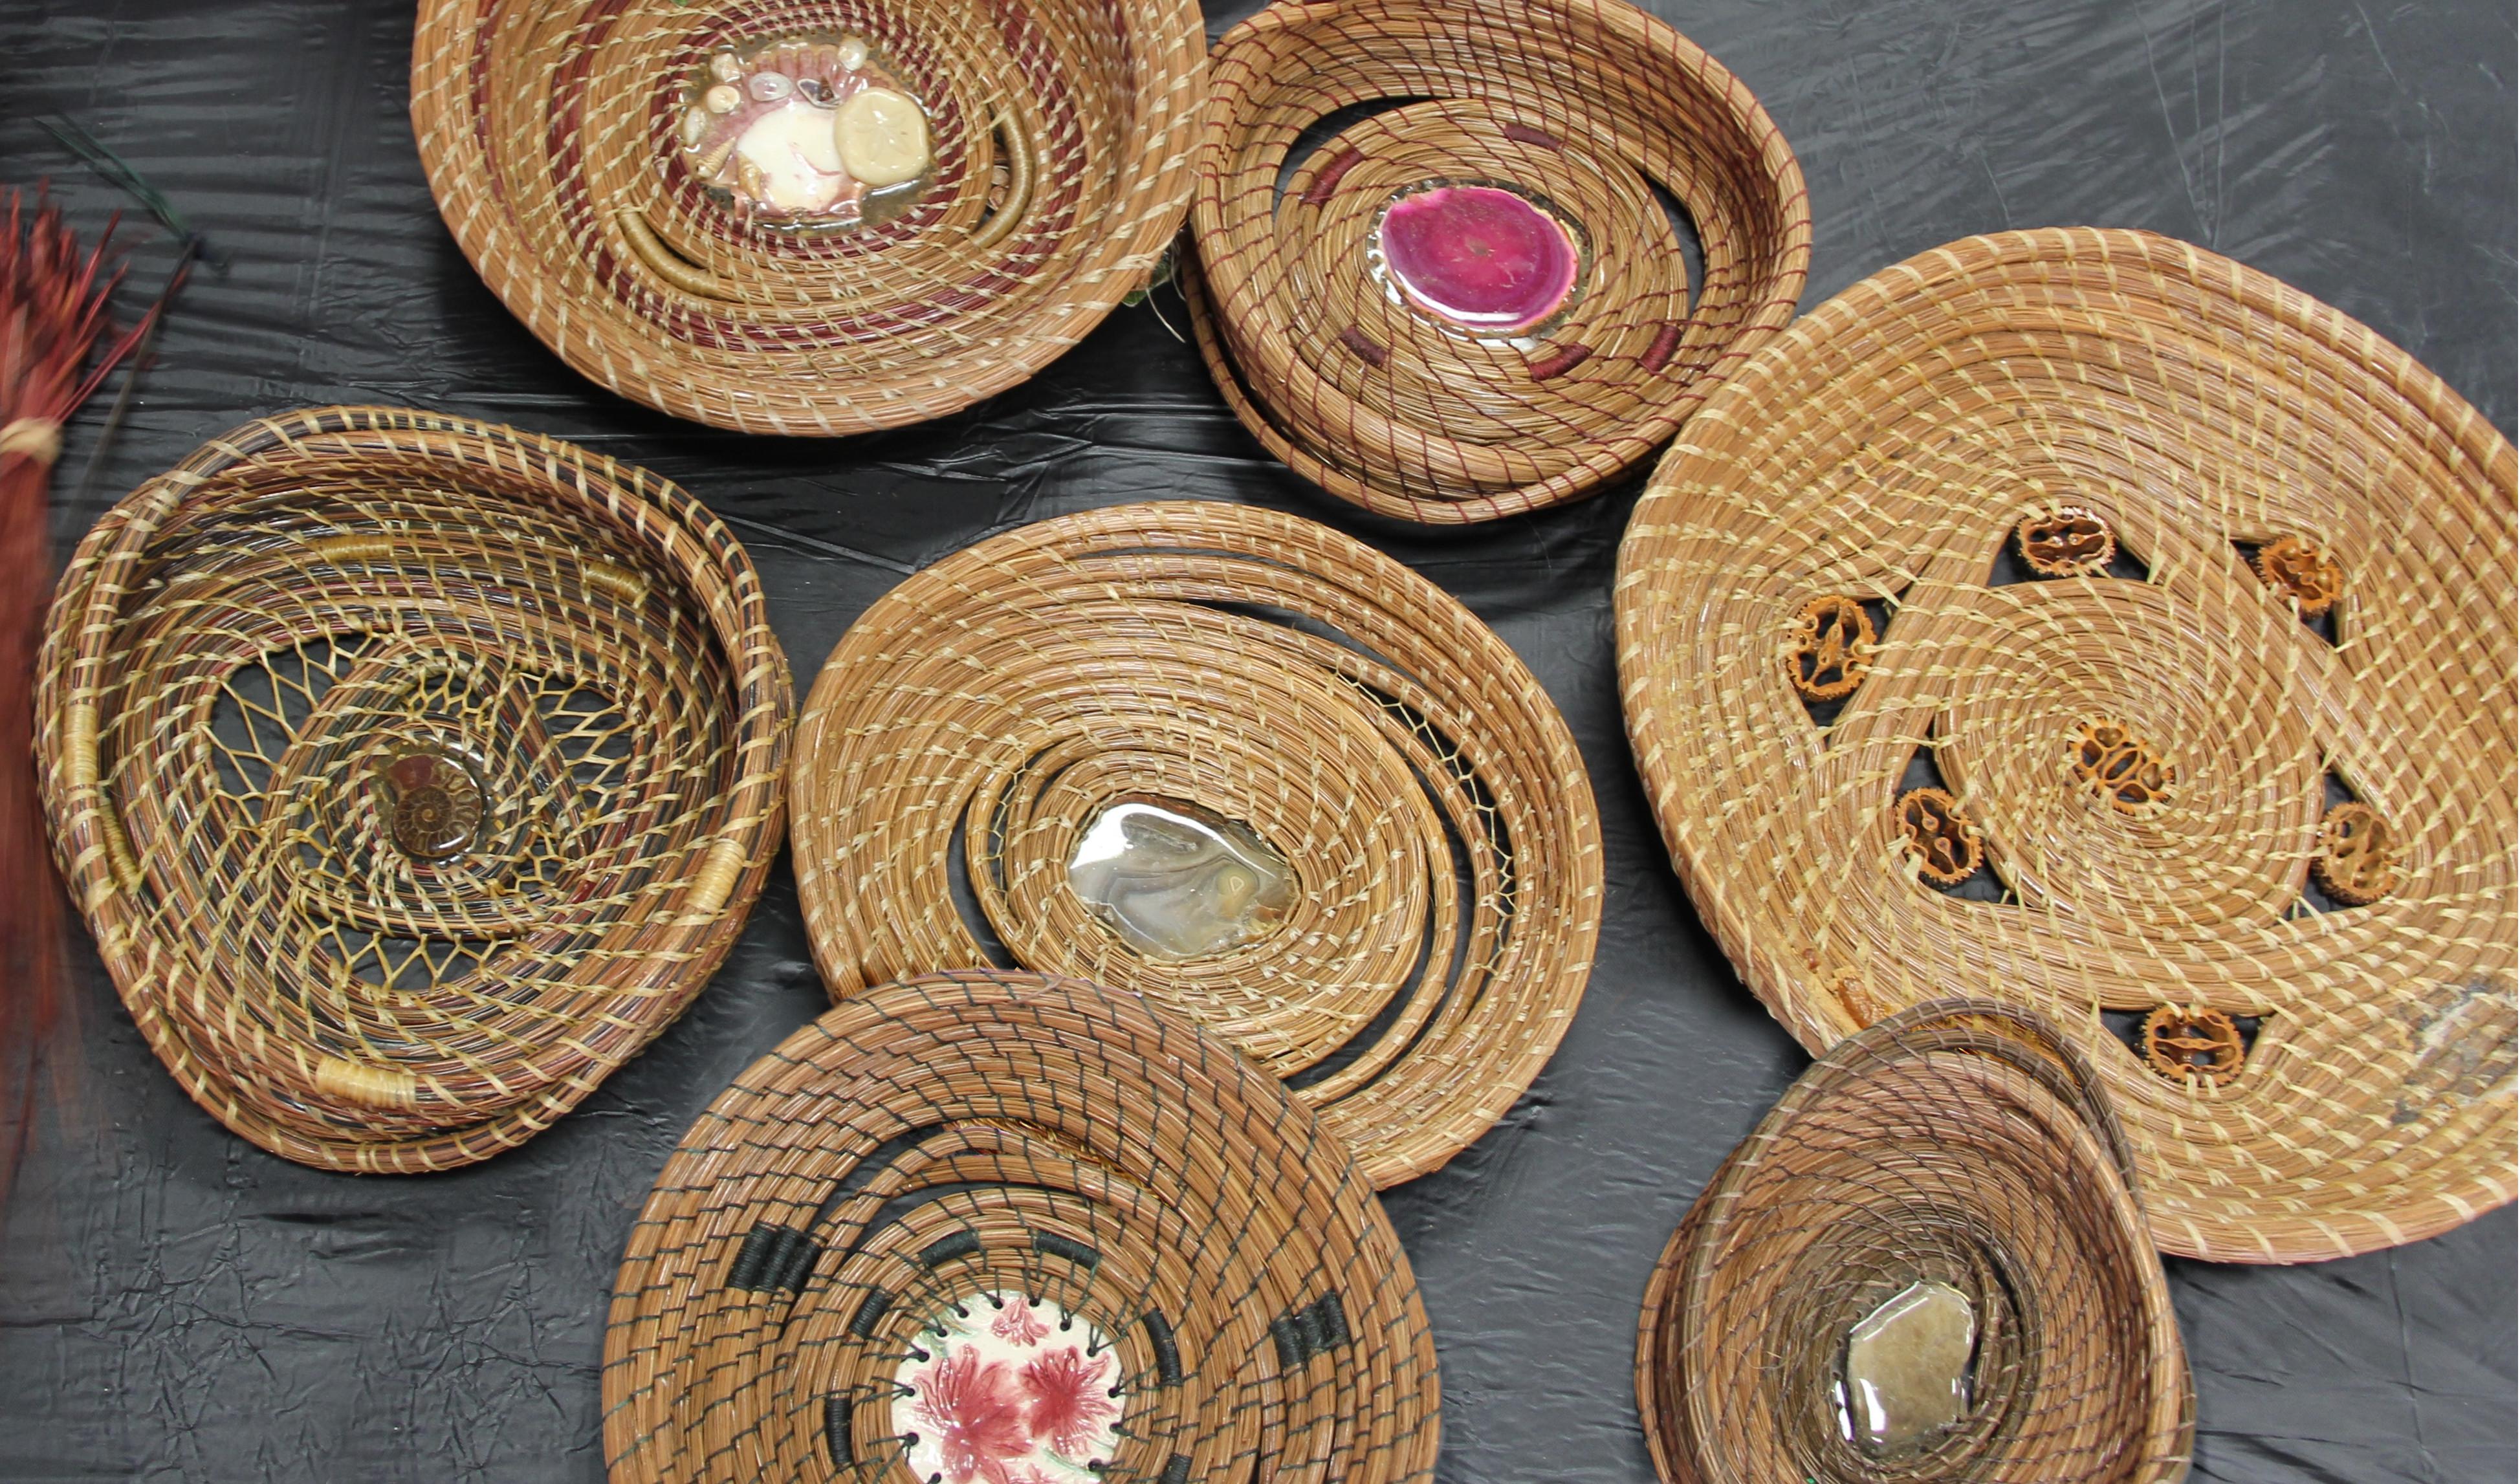 pine needle baskets image